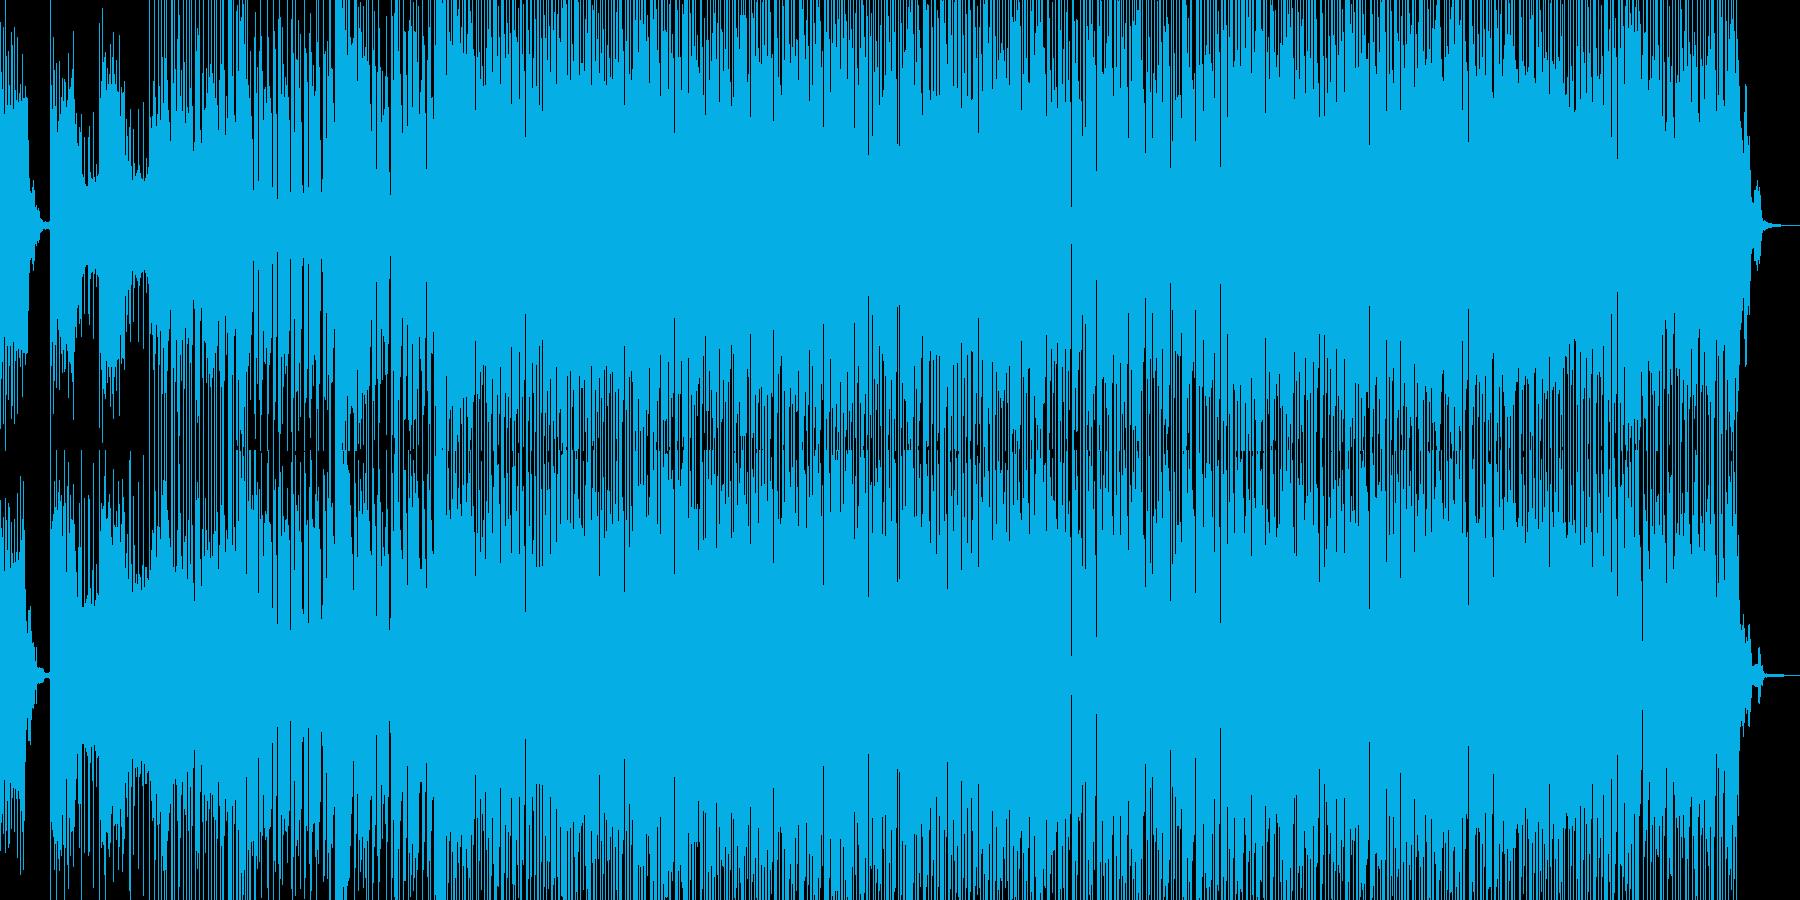 疾走感あふれるEDMの再生済みの波形